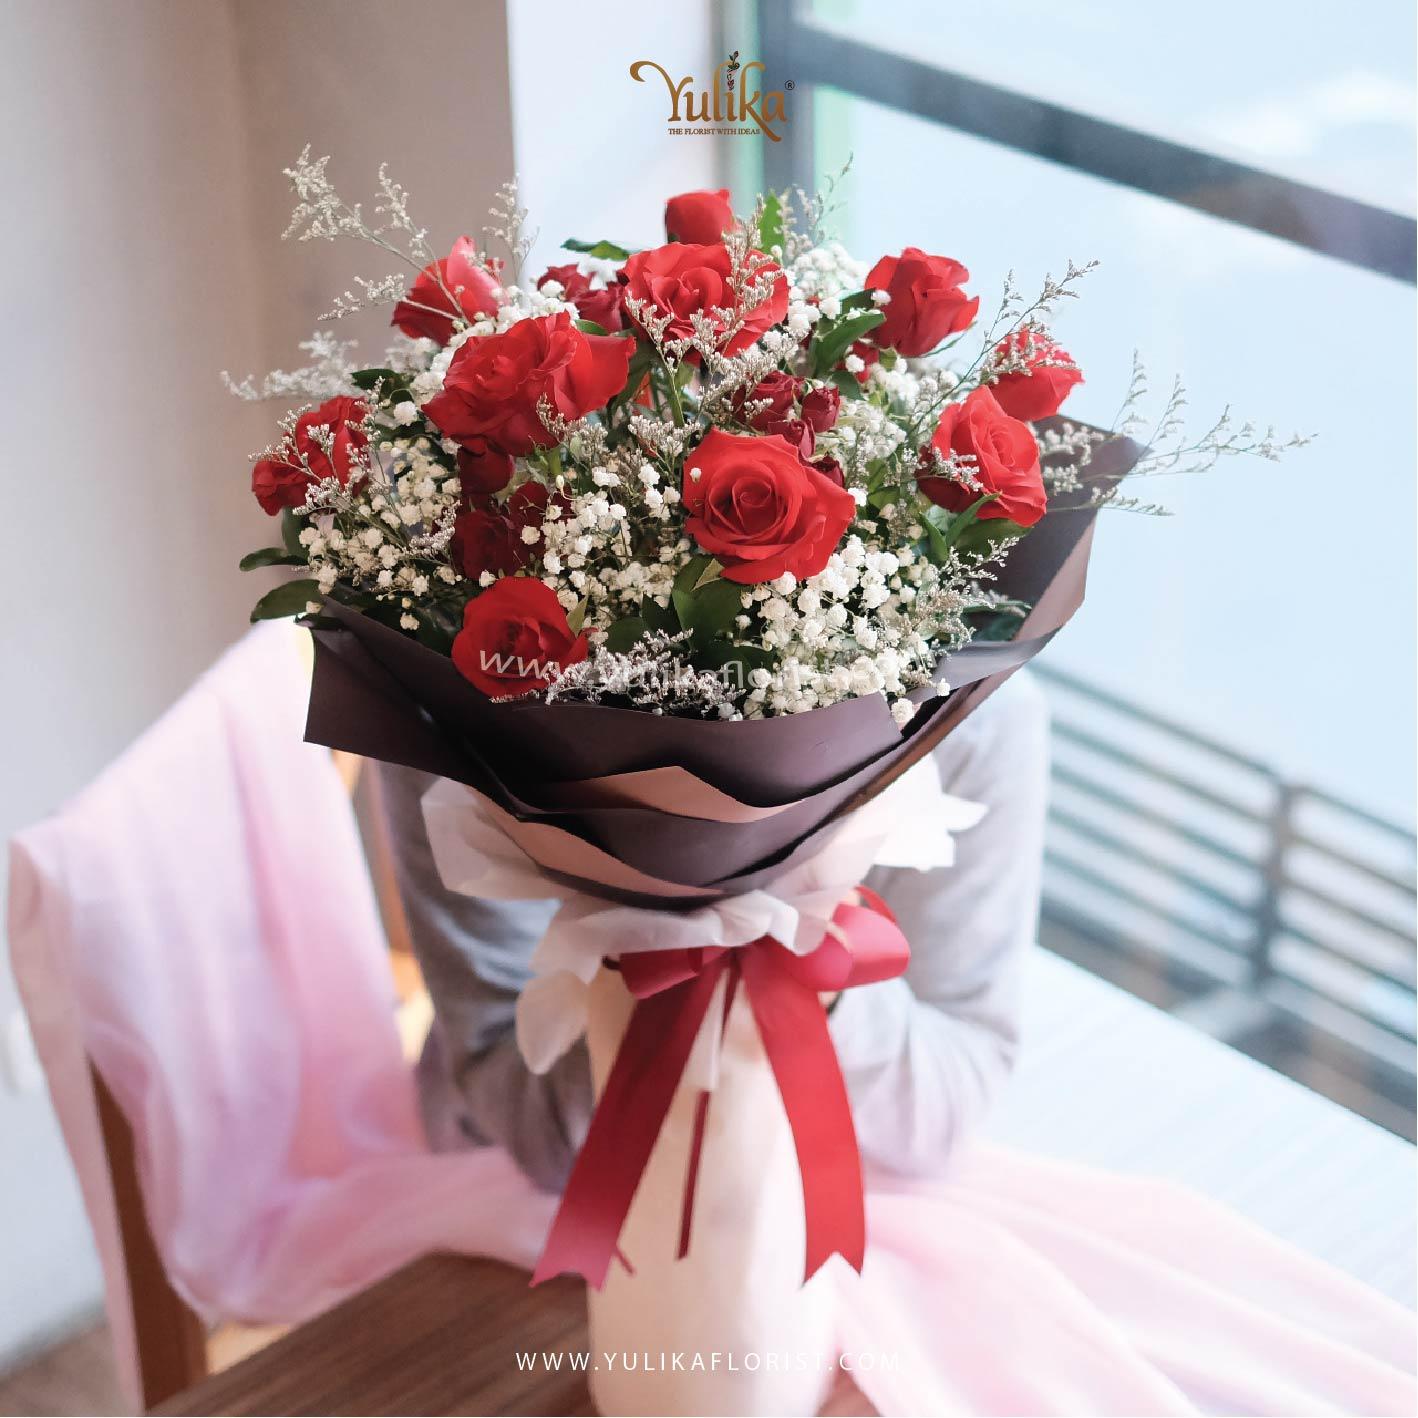 Ide Hadiah Valentine Untuk Wanita Yulika Florist